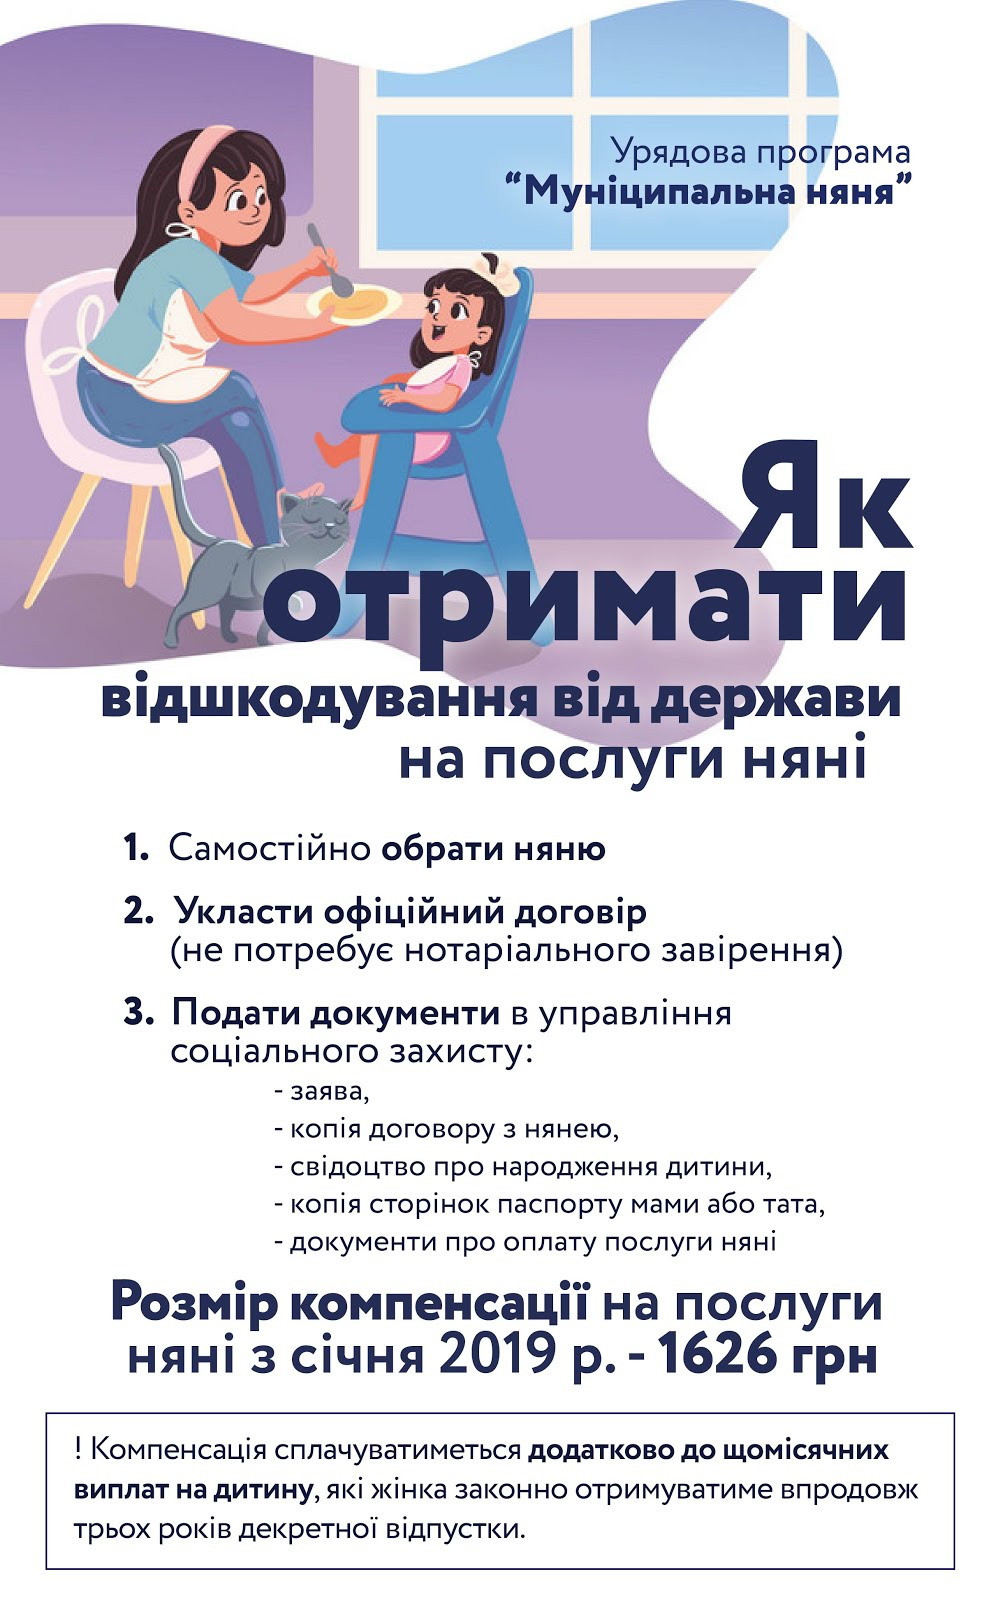 """Урядова програма """"Муніципальна няня"""""""